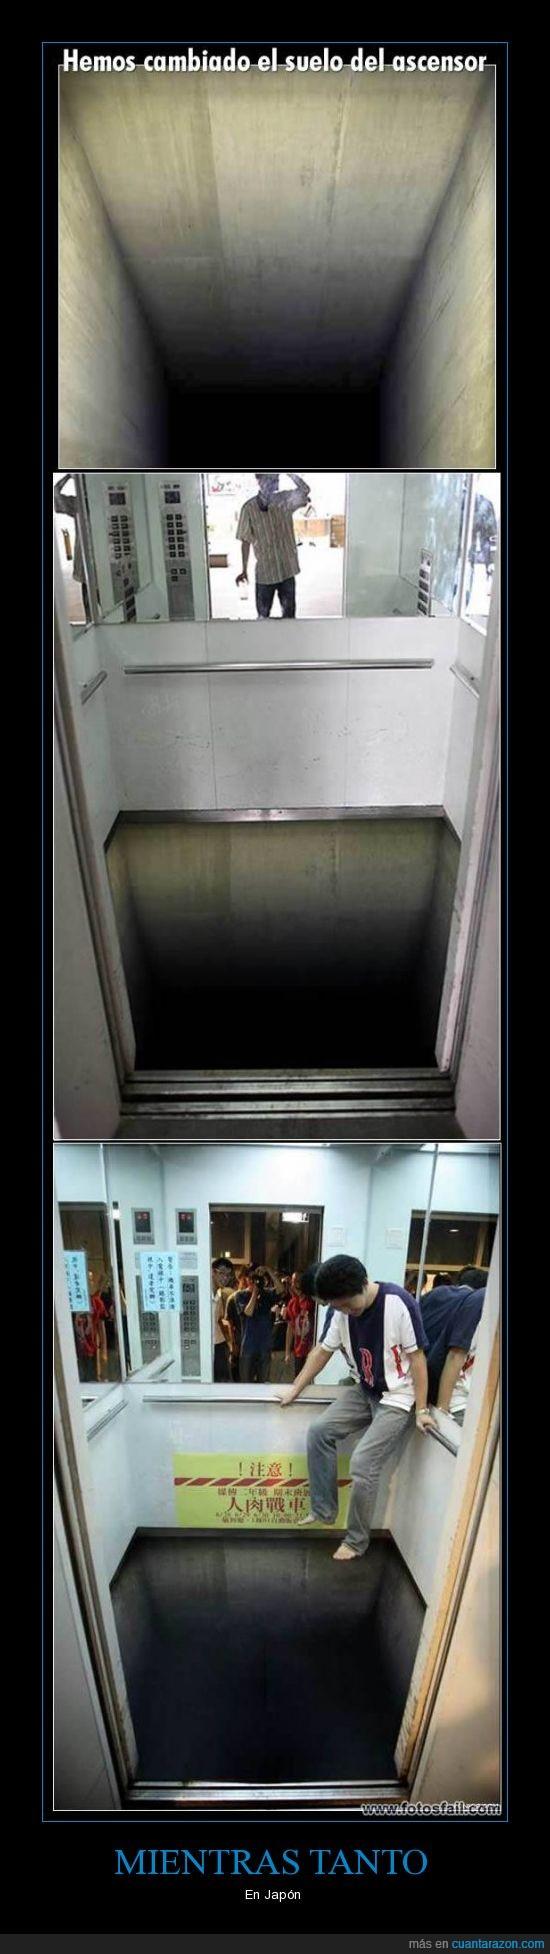 ascensor,japon,Mientras tanto,suelo